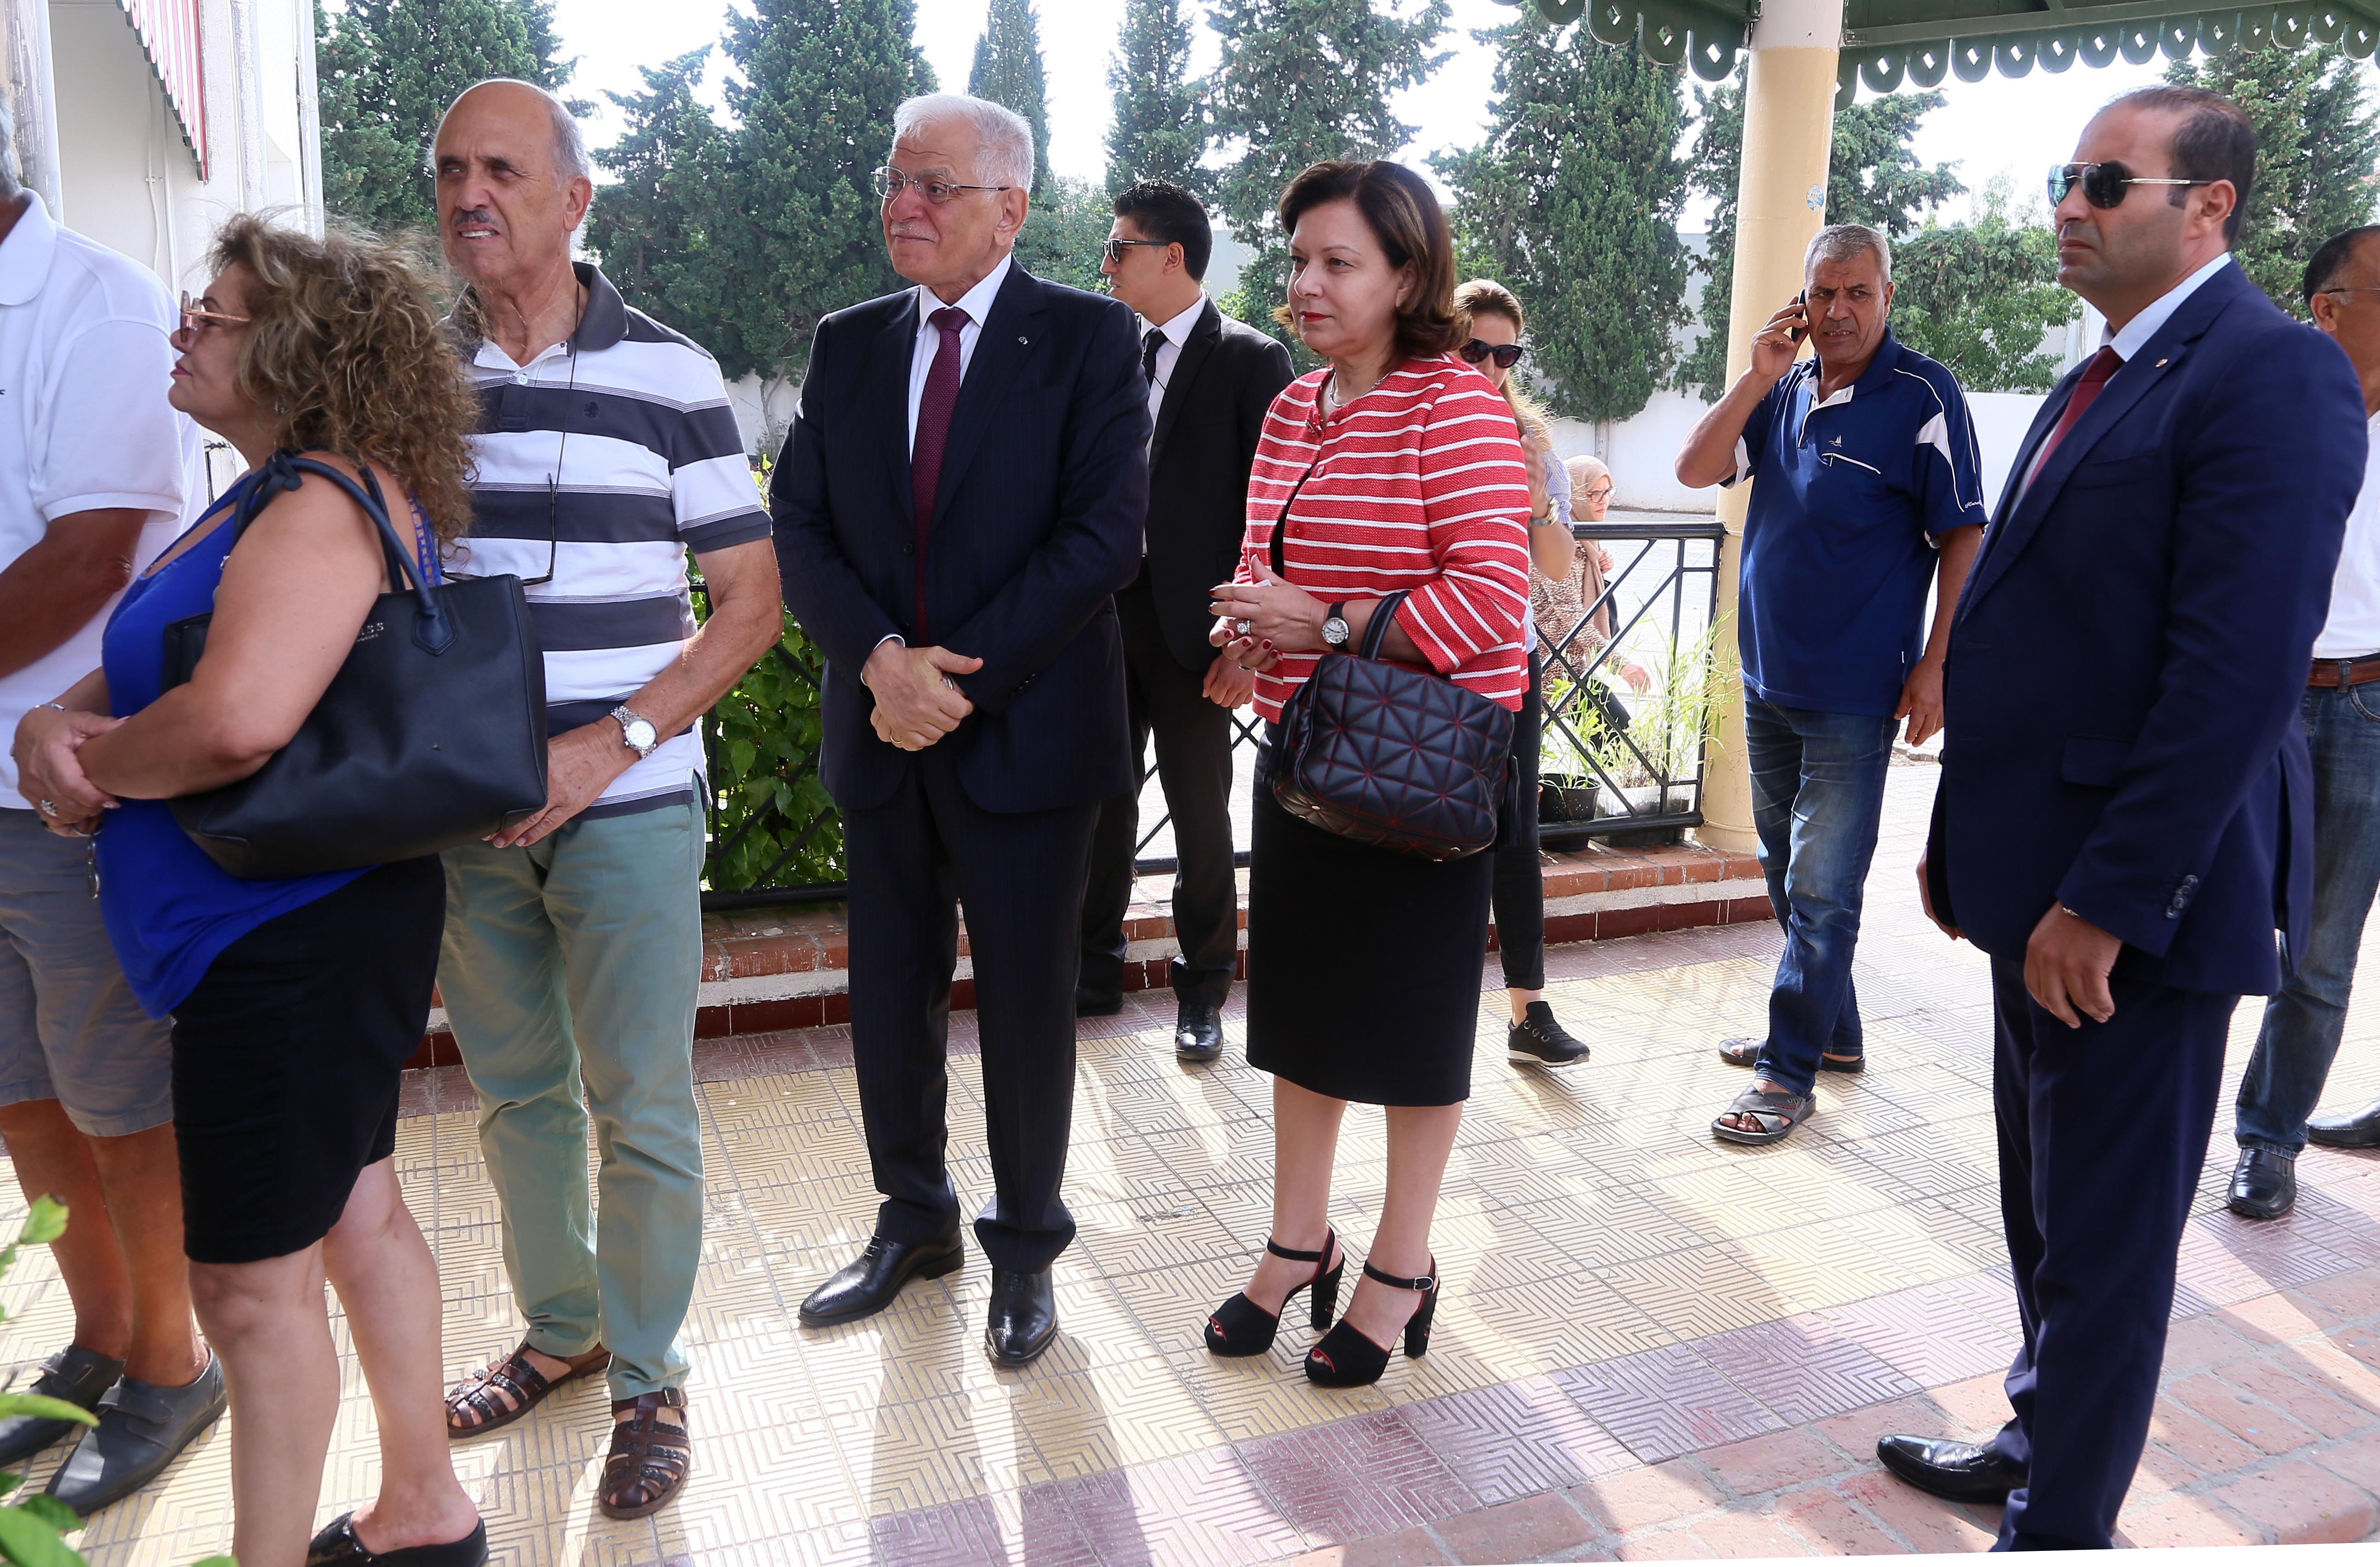 رئيس الوزراء التونسي كمال مرجان بانتظار دوره ليقوم بالاقتراع في الانتخابات الرئاسية